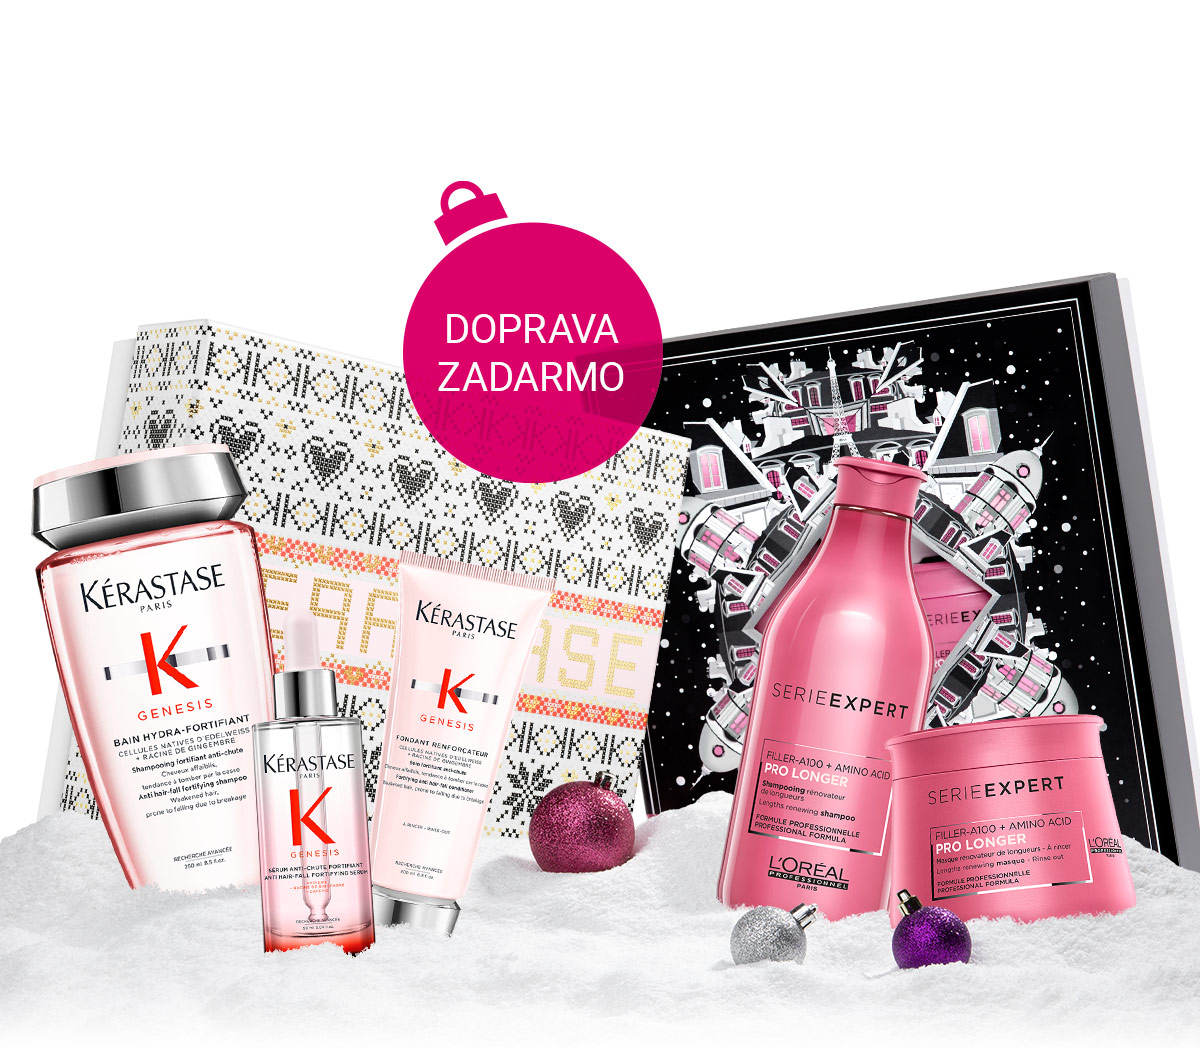 Vianočné sady L'Oréal Professionnel alebo Kérastase s dopravou zadarmo